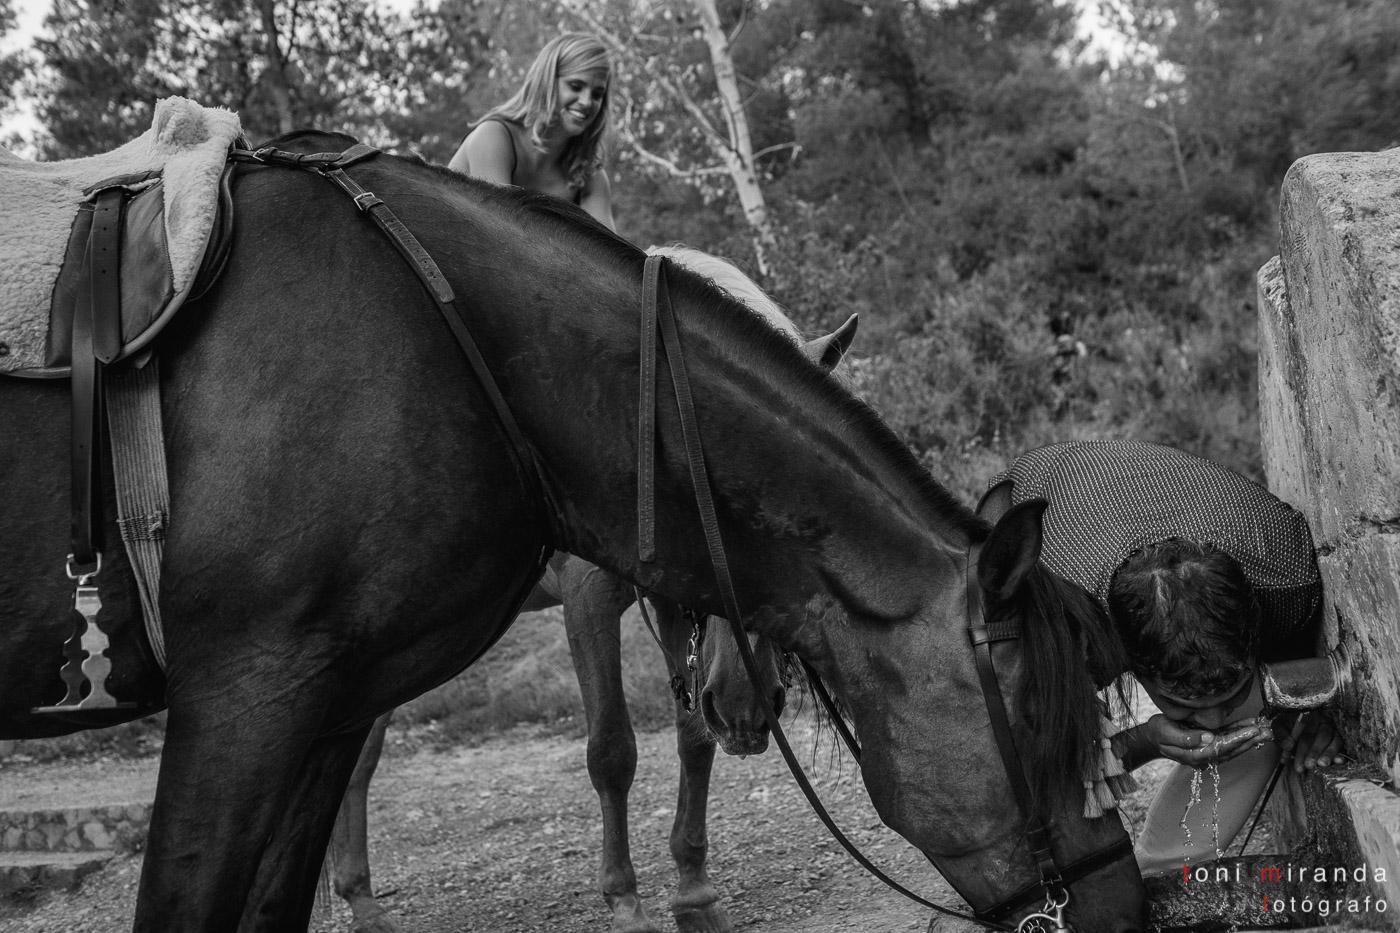 font de la salut novios a caballo